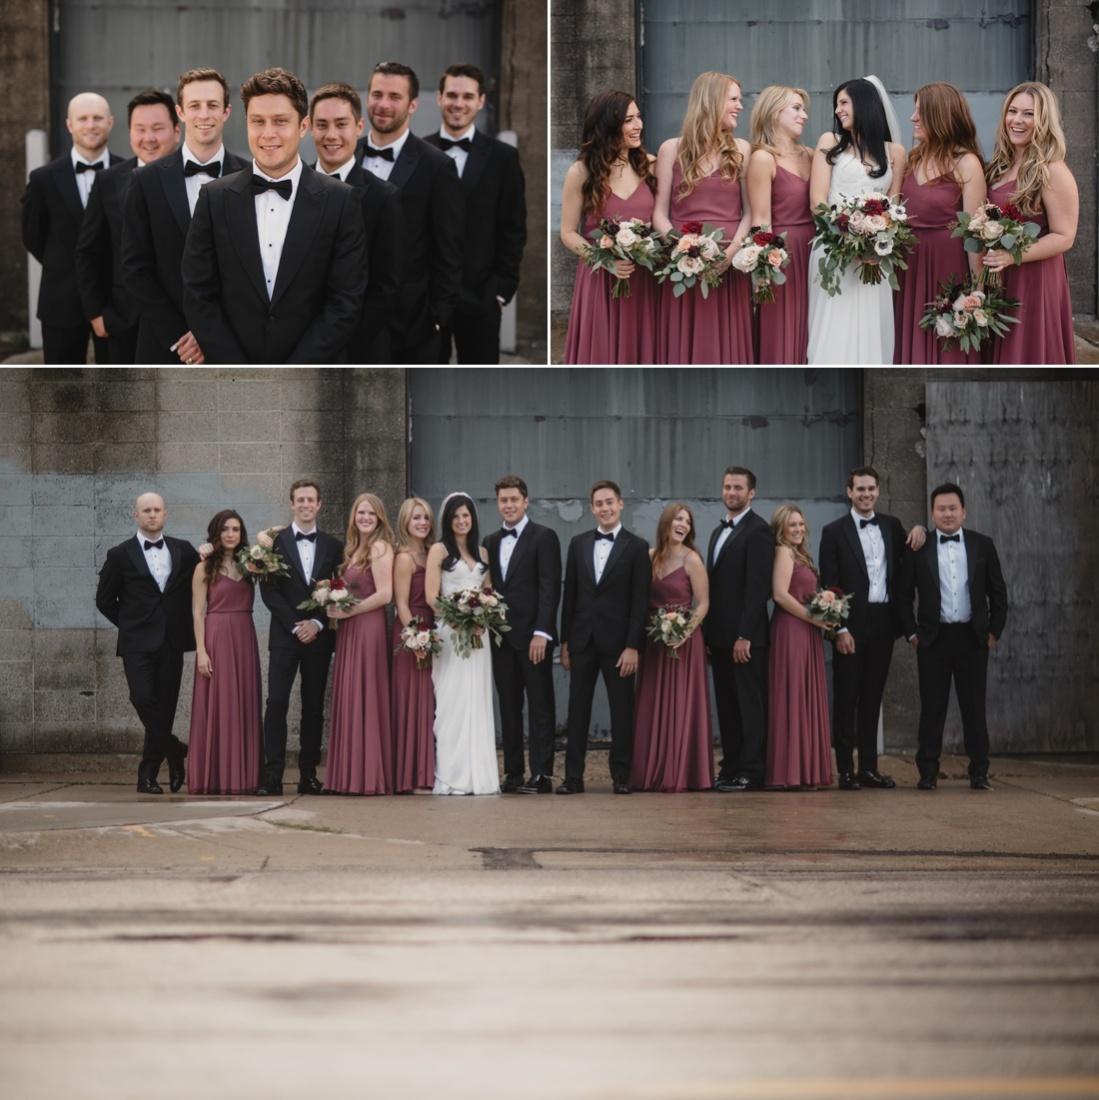 17_Aria_minneapolis_Wedding_photos-1099x1100-1.jpg